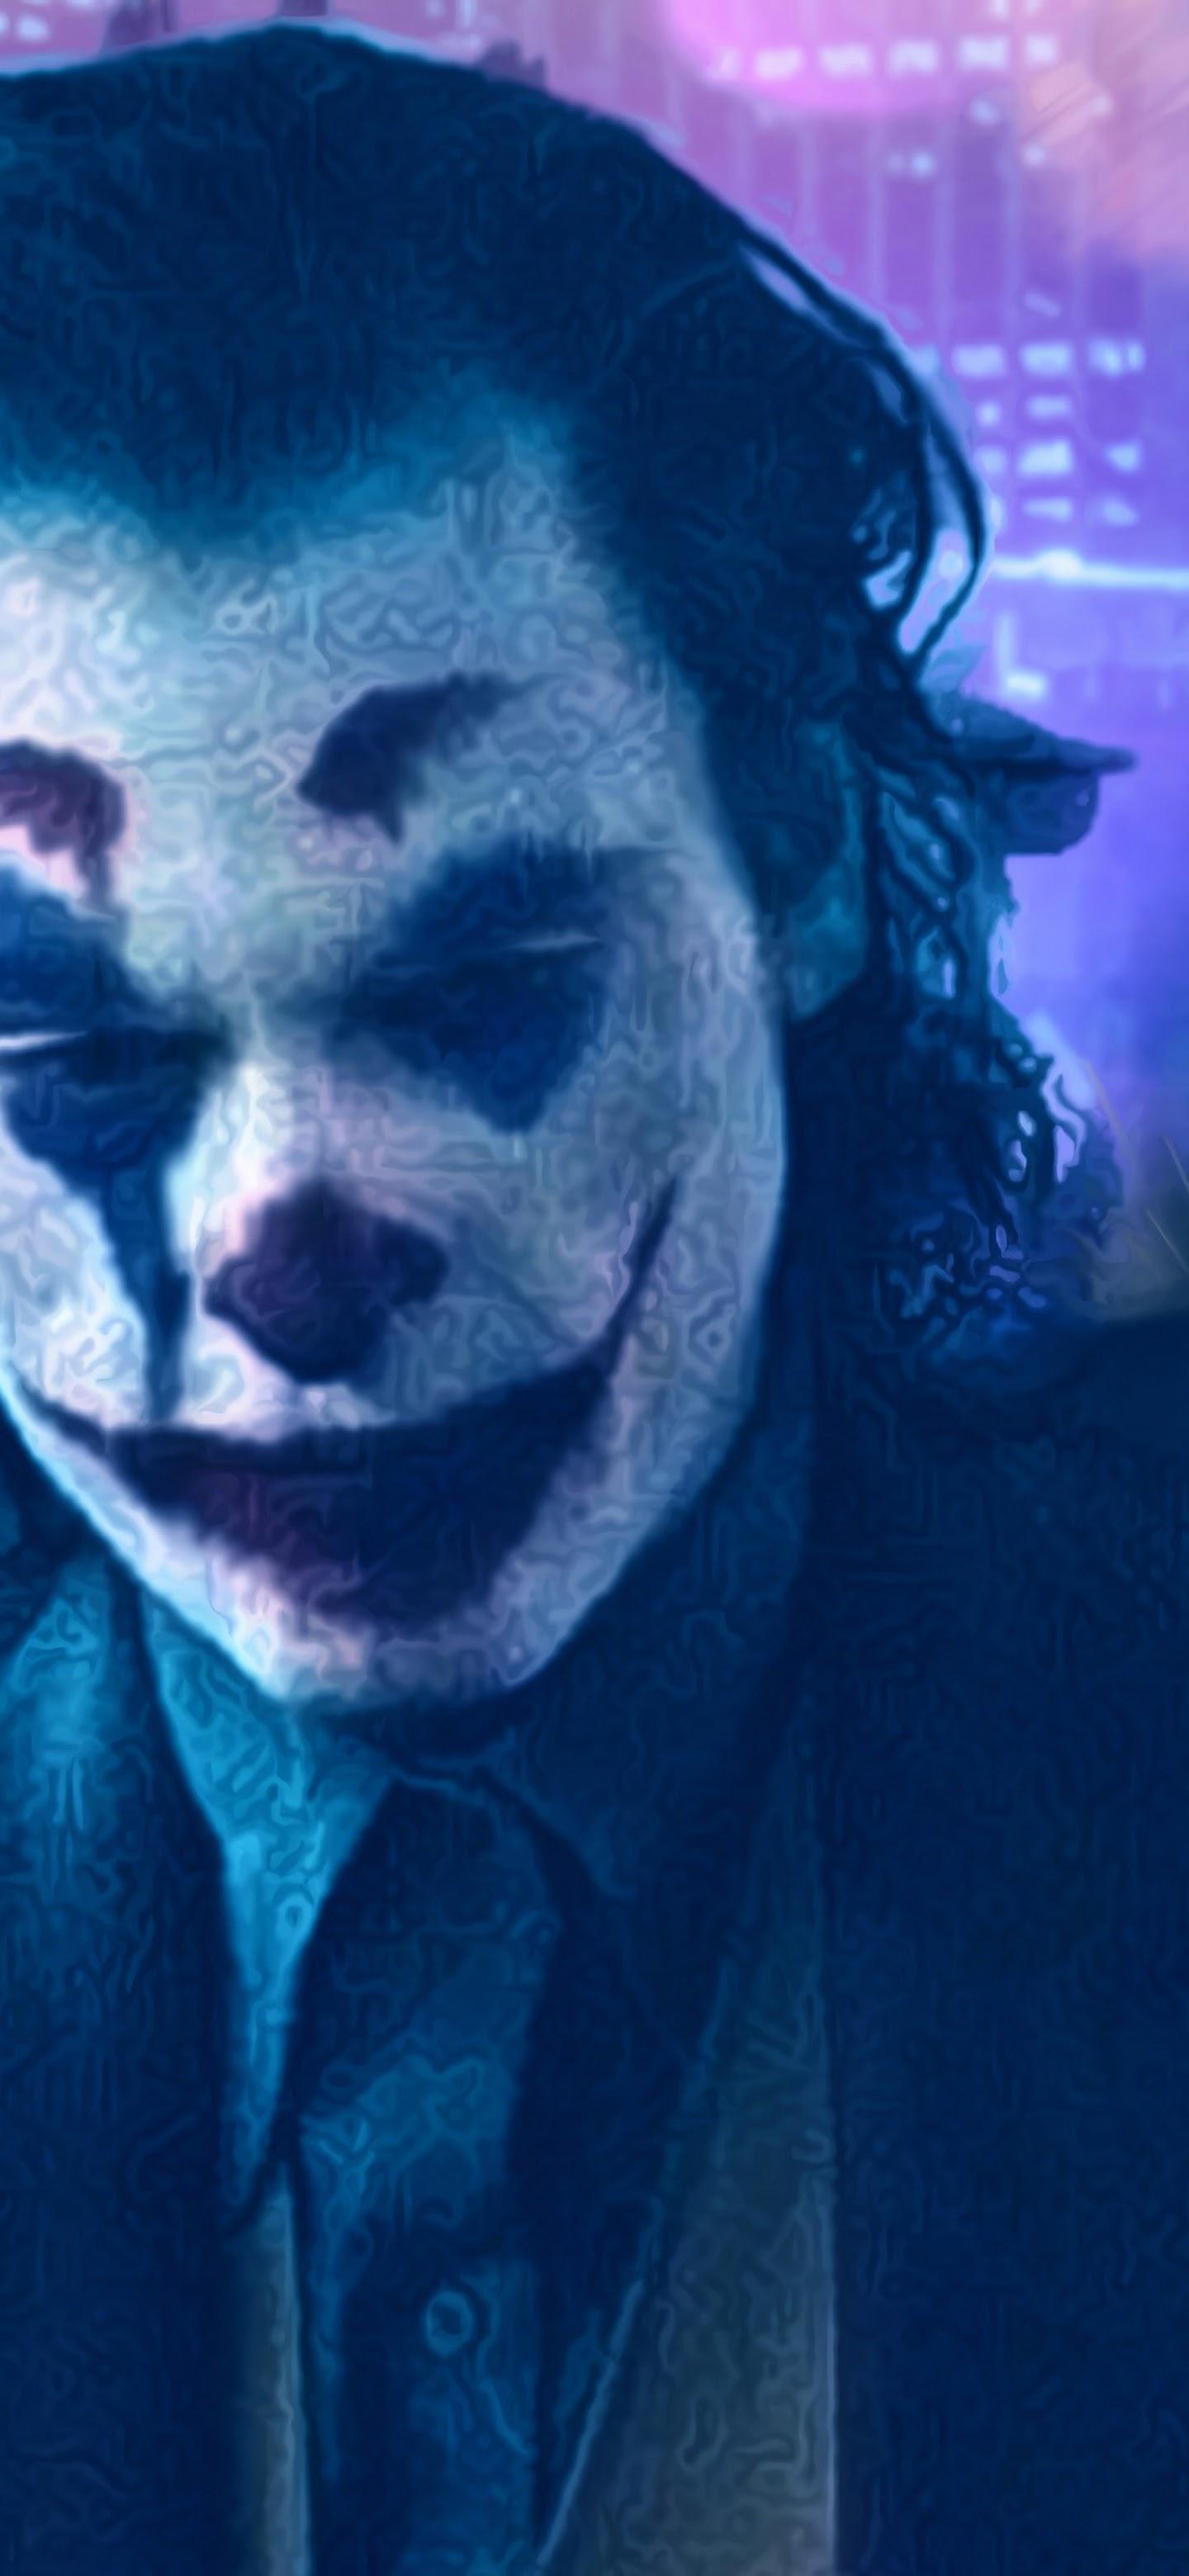 Joker Iphone 11 Pro Max Wallpaper 4k Iphone 11